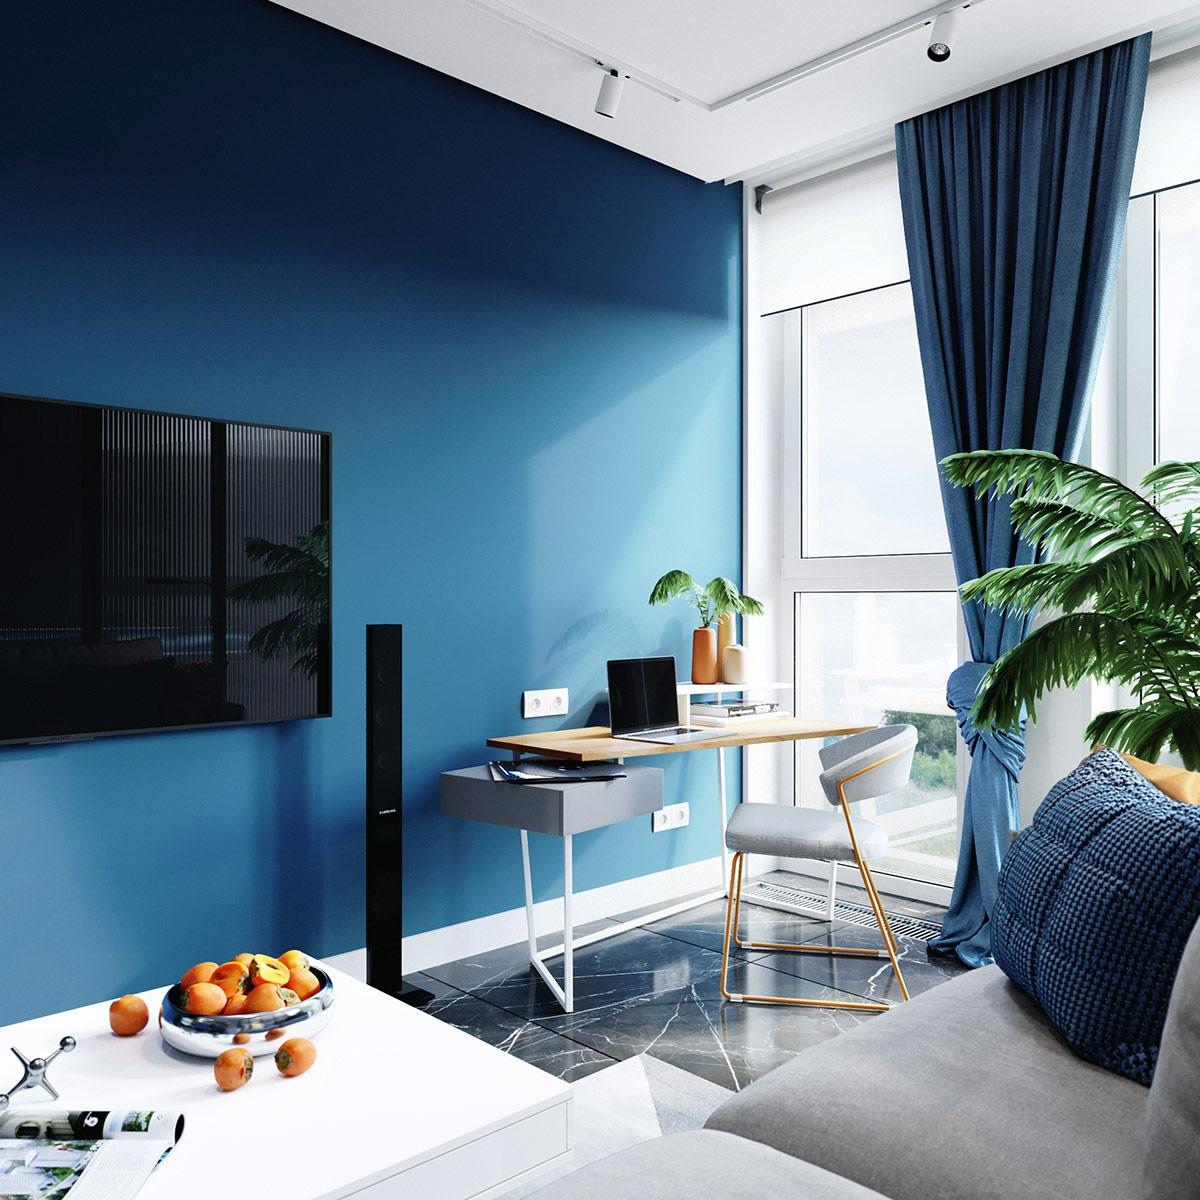 Bức tường màu xanh tiếp tục phía sau bàn làm việc tại nhà